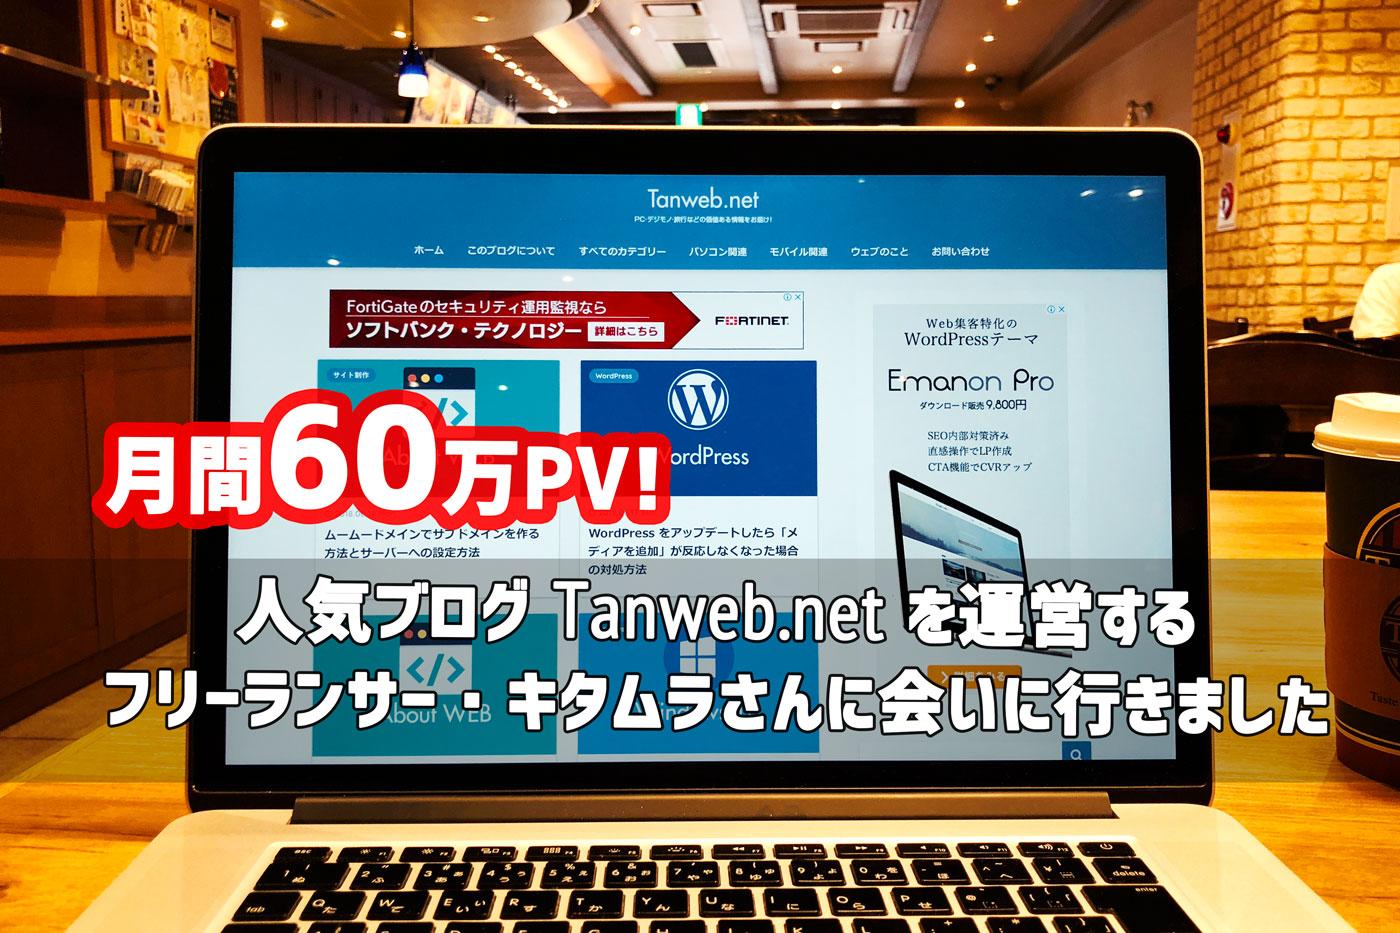 月間60万PV! 人気ブログ Tanweb.net を運営する フリーランサー・キタムラさんに会いに行きました